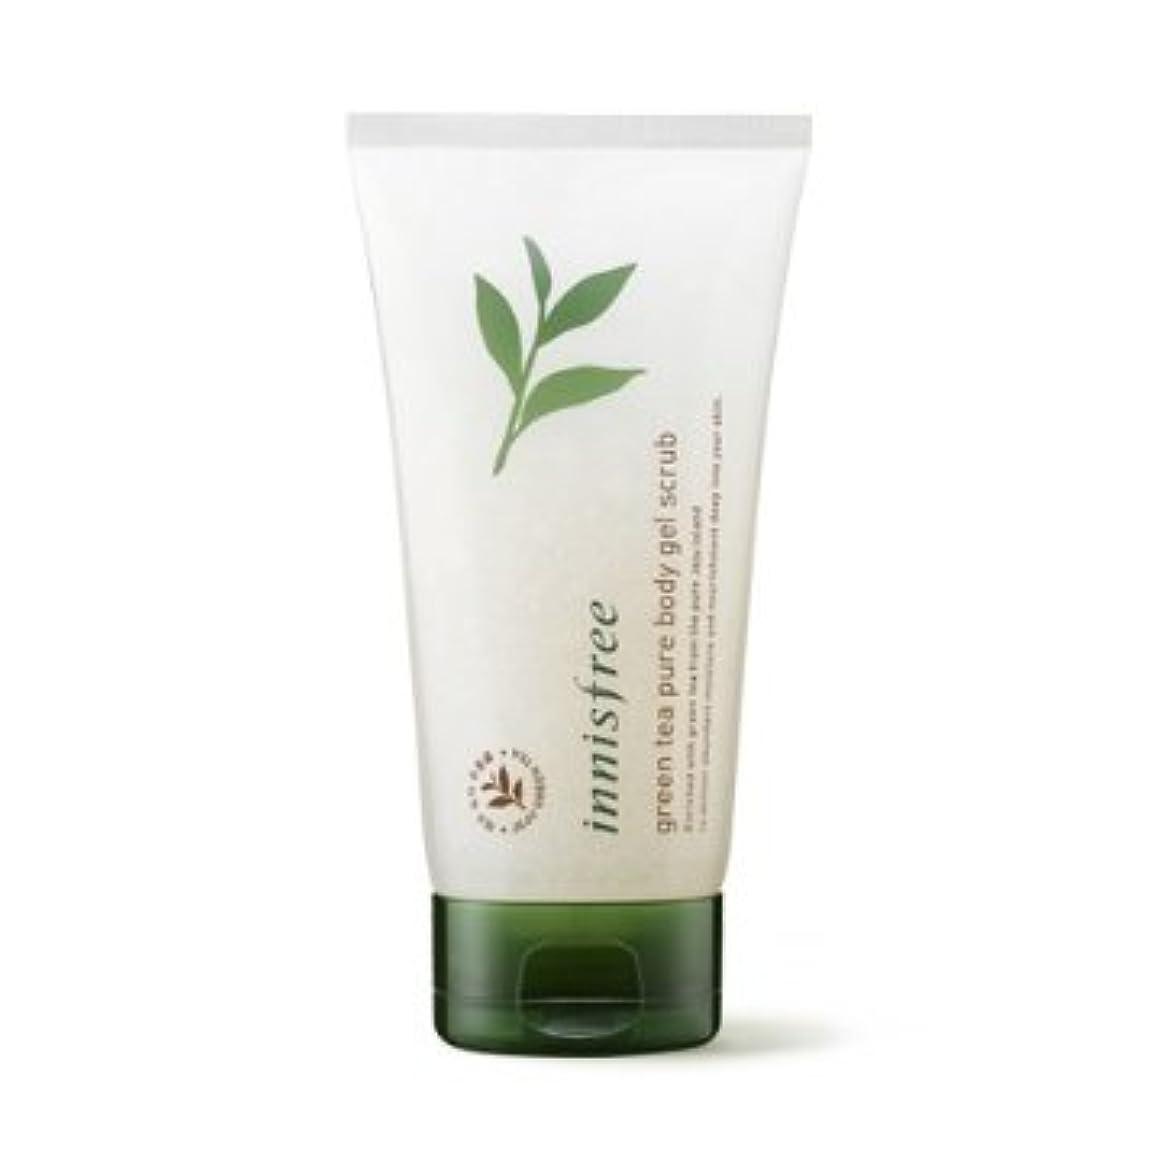 を除くまた明日ね道徳【イニスフリー】Innisfree green tea pure body gel scrub - 150ml (韓国直送品) (SHOPPINGINSTAGRAM)